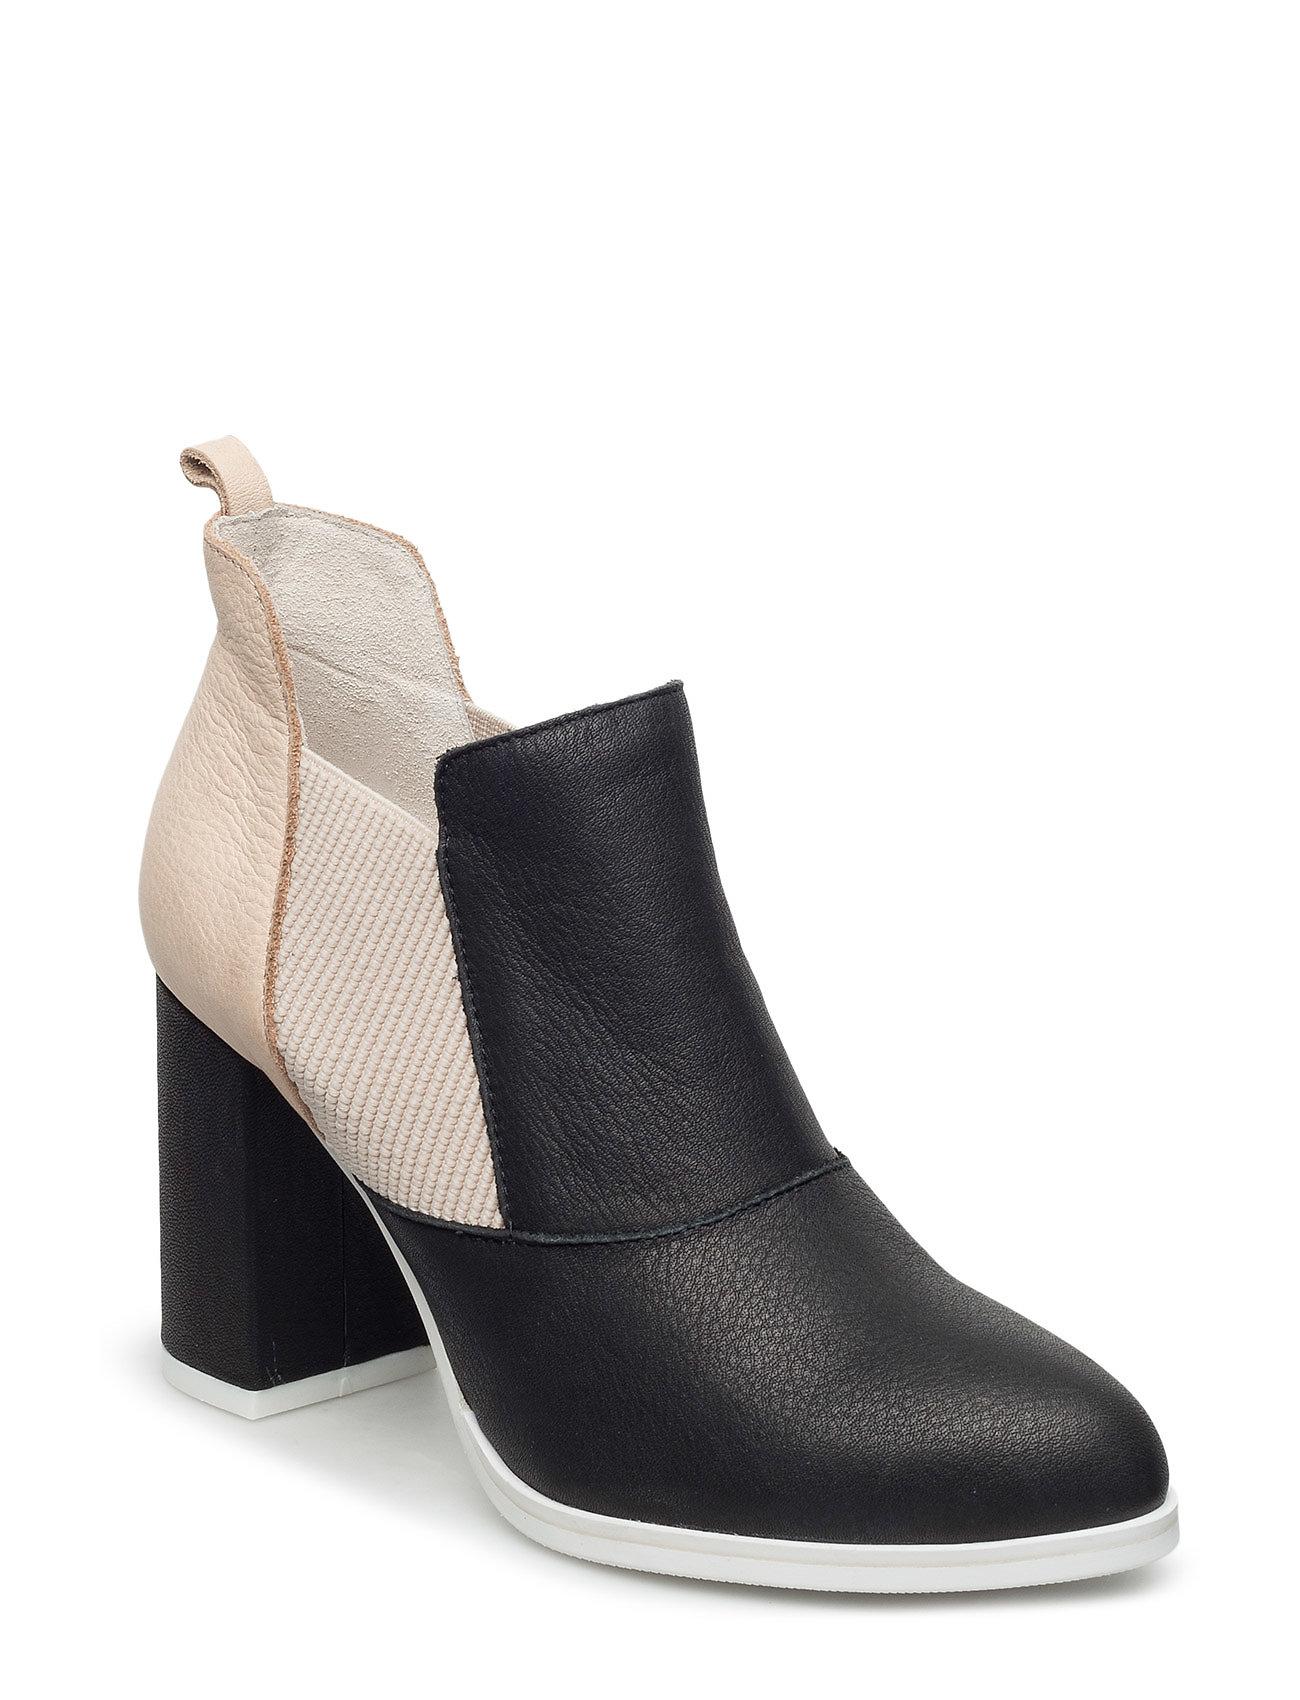 Stb1037 Shoe The Bear Støvler til Damer i Sort